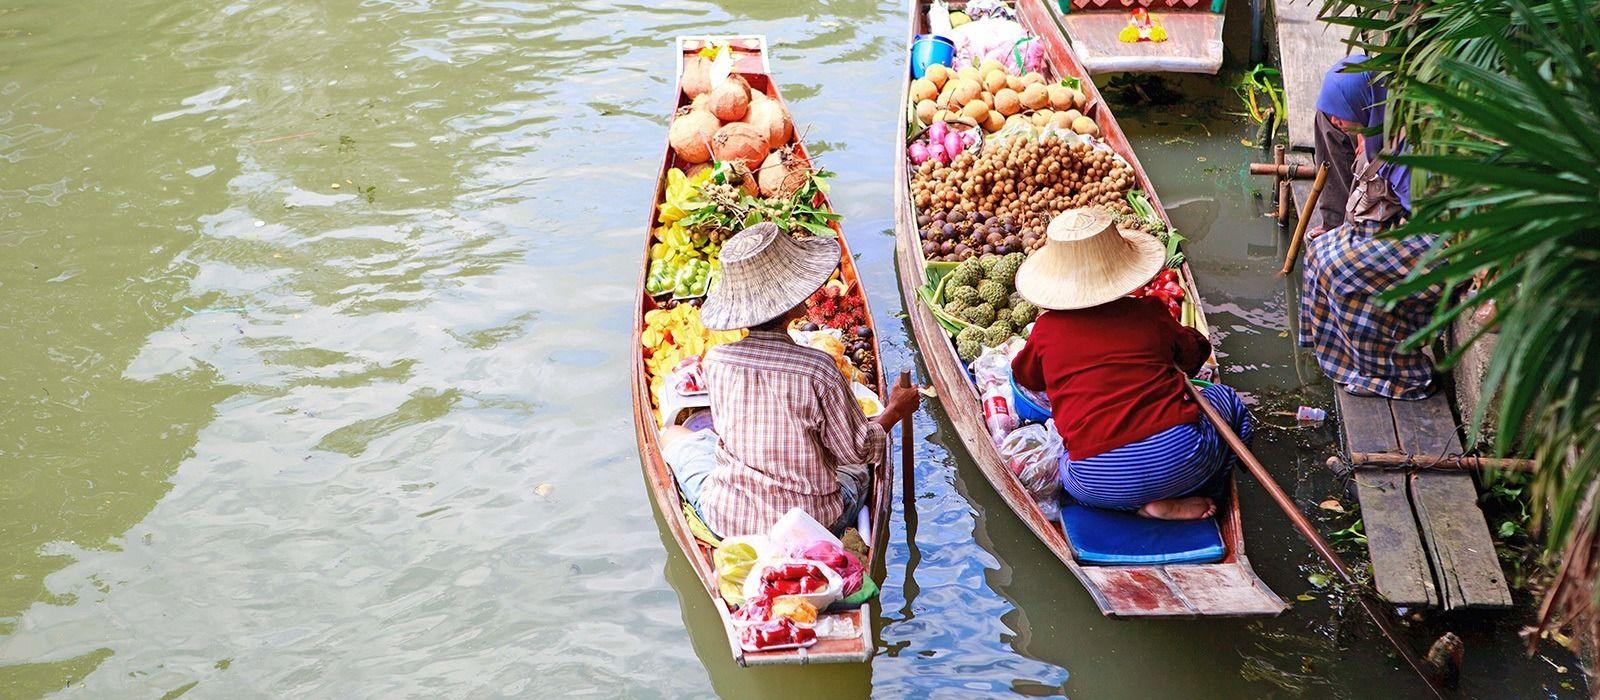 Staunen, shoppen und sonnen in Thailand Urlaub 4